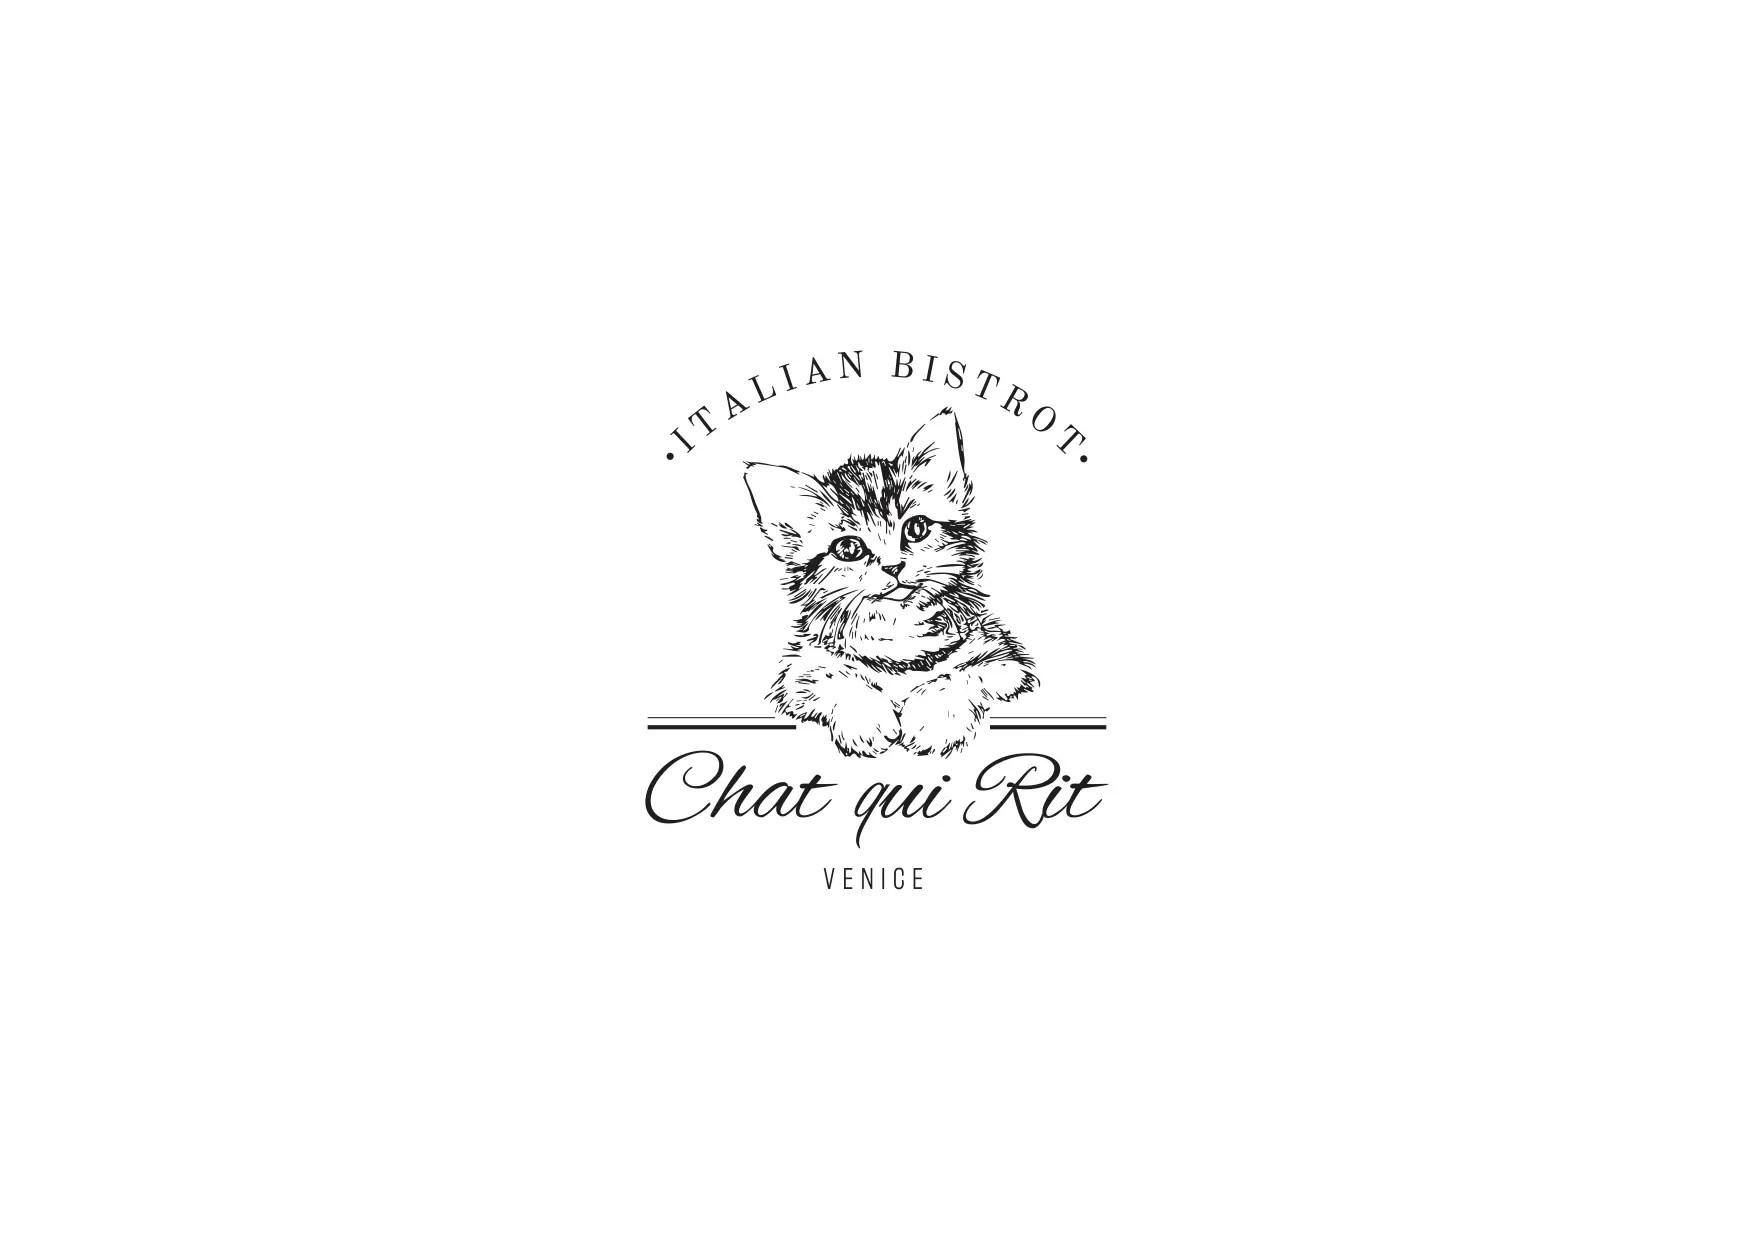 Shop Online Chat qui Rit